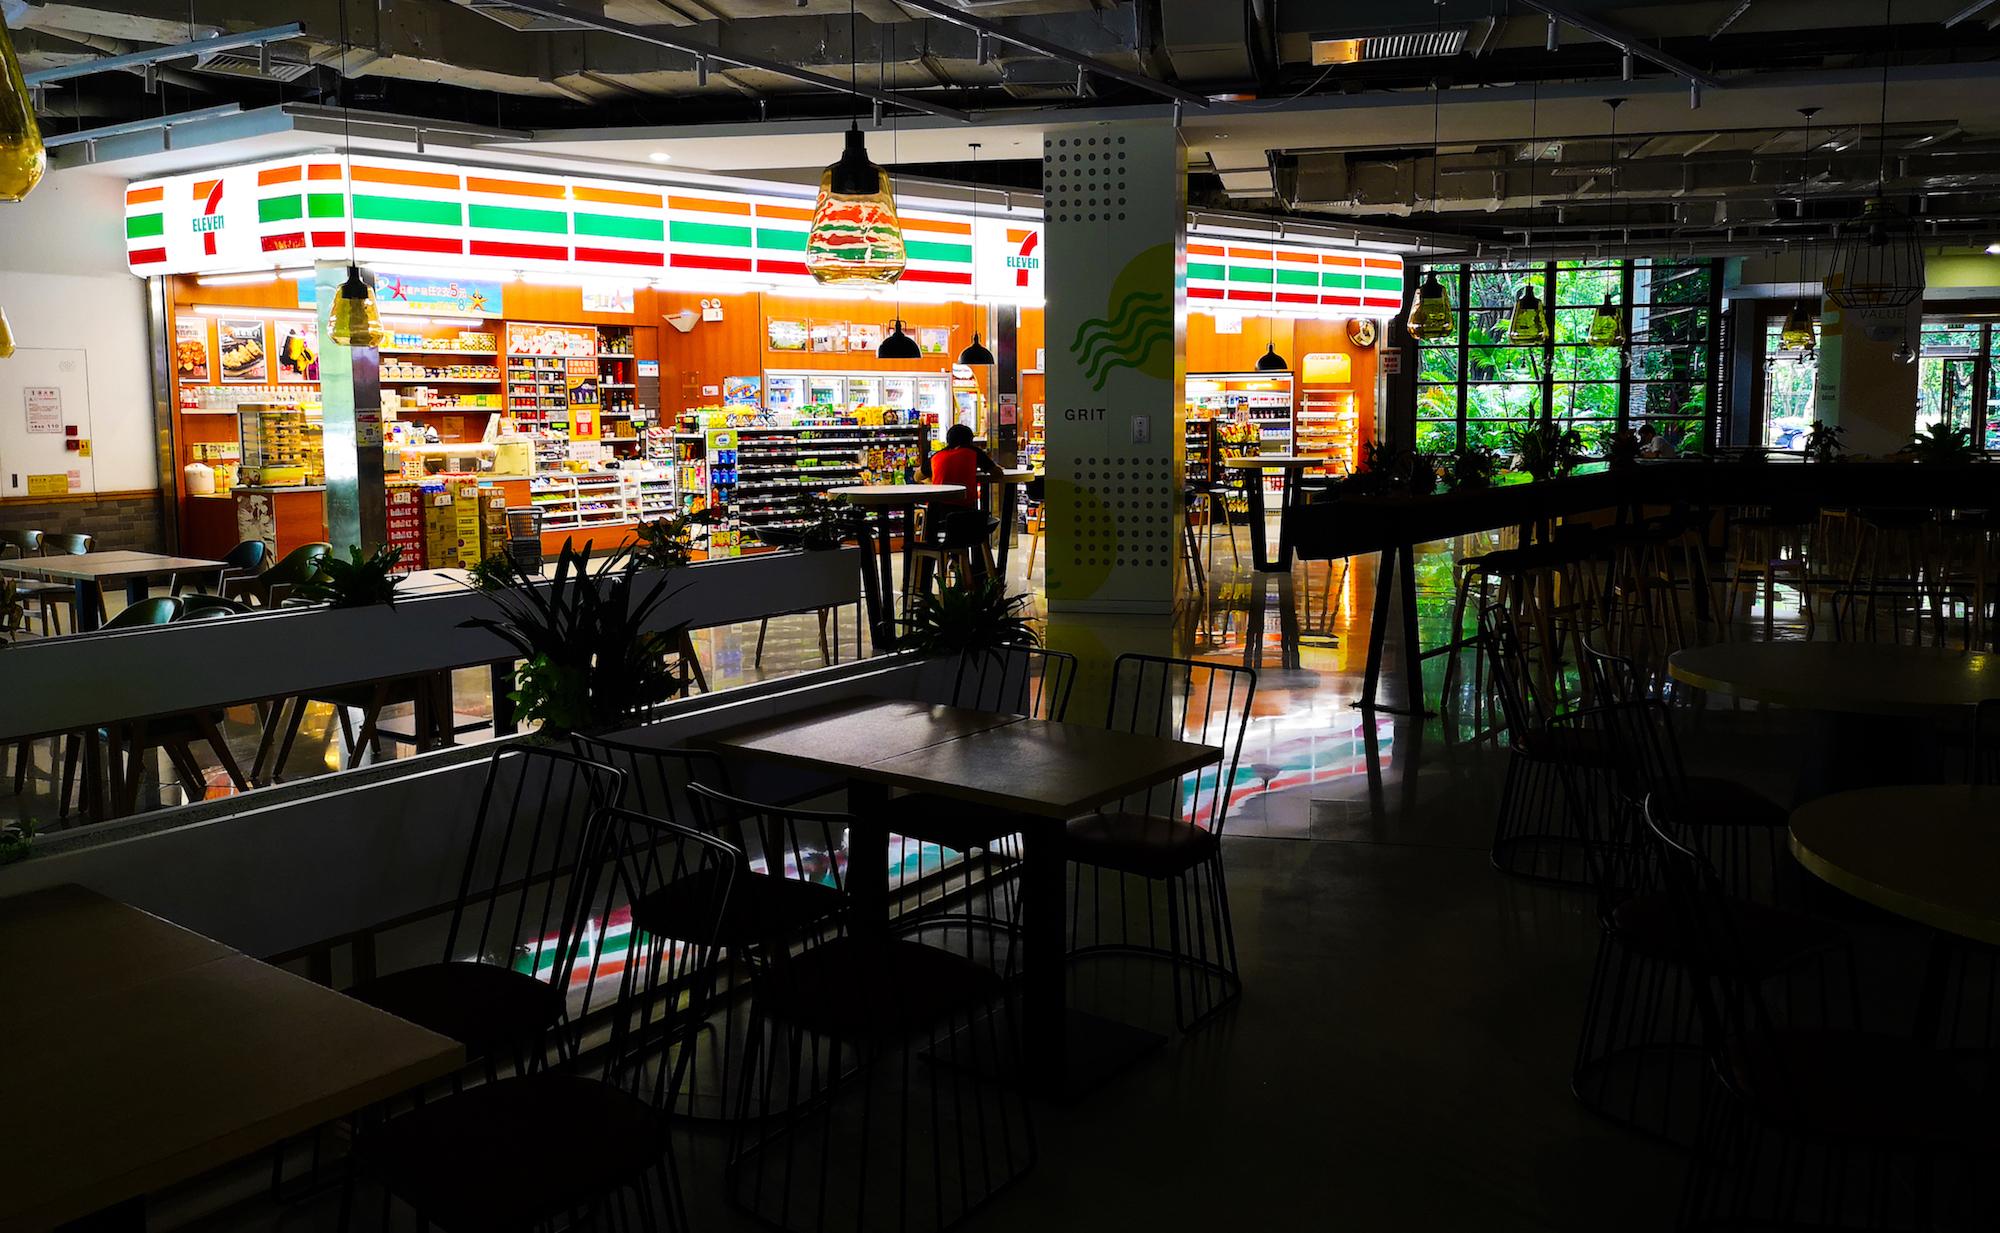 7-Eleven-Shenzhen